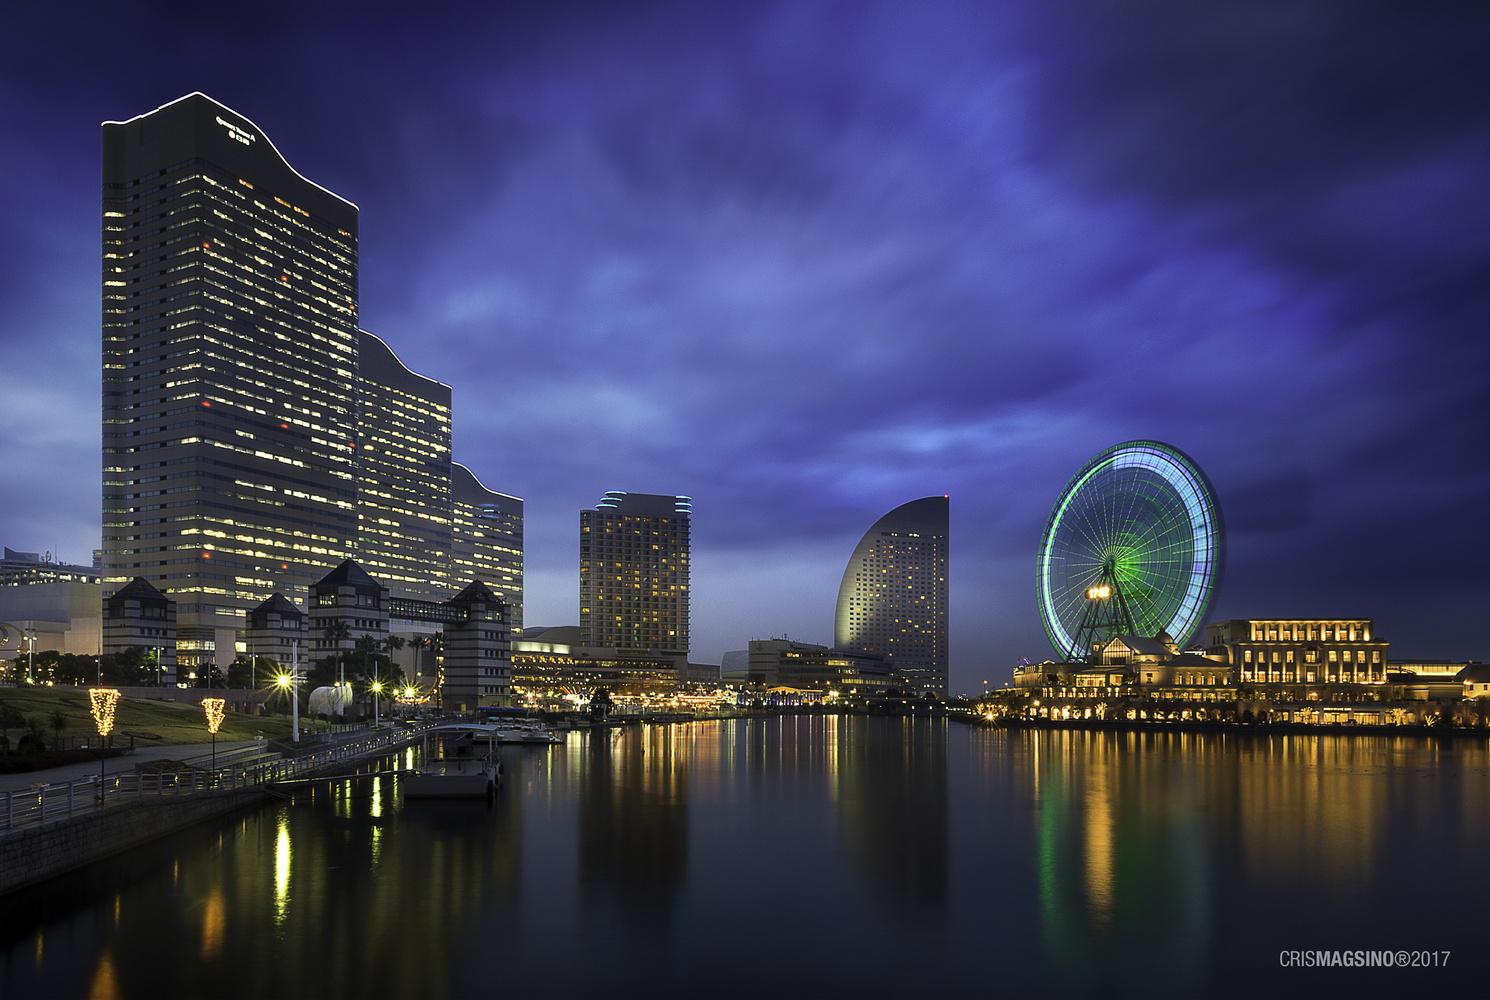 Yokohama City by Cris Magsino